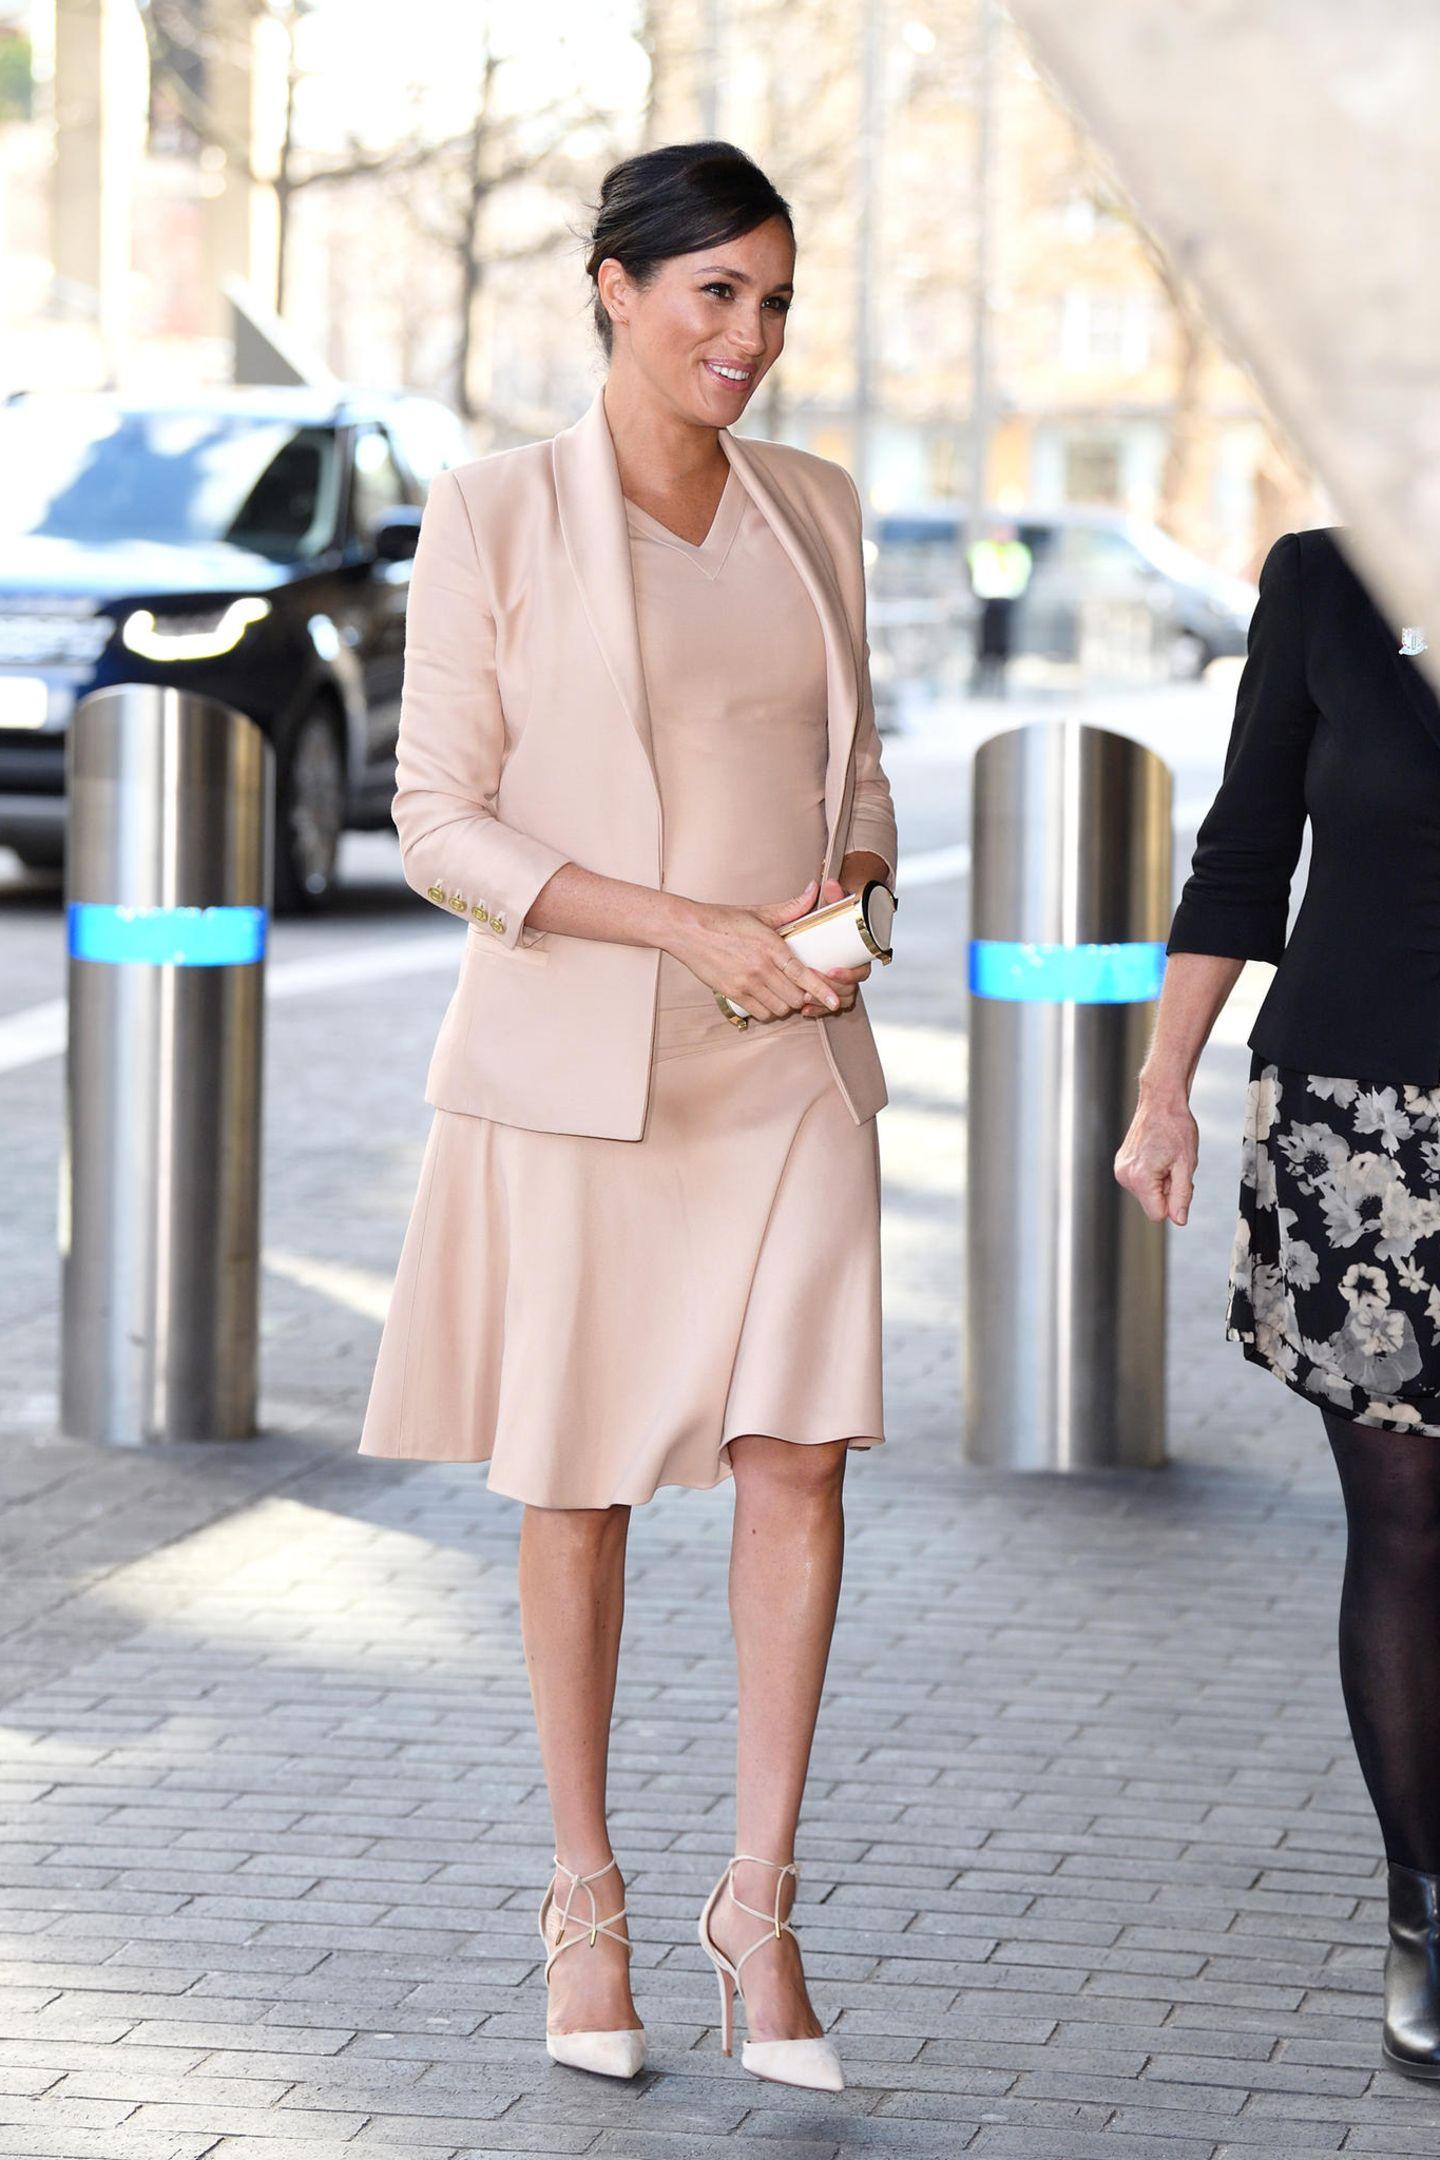 In einem blassrosa Ensemble von Brandon Maxwell begeistert Herzogin Meghan die Fans. Das enge Kleid mit V-Ausschnitt setzt ihren wachsenden Babybauch toll in Szene, der Blazer betont ihre trotzdem schmal gebliebene Silhouette. Wer hätte gedacht, dass dieser Look auf dem Runway noch ganz anders aussah...